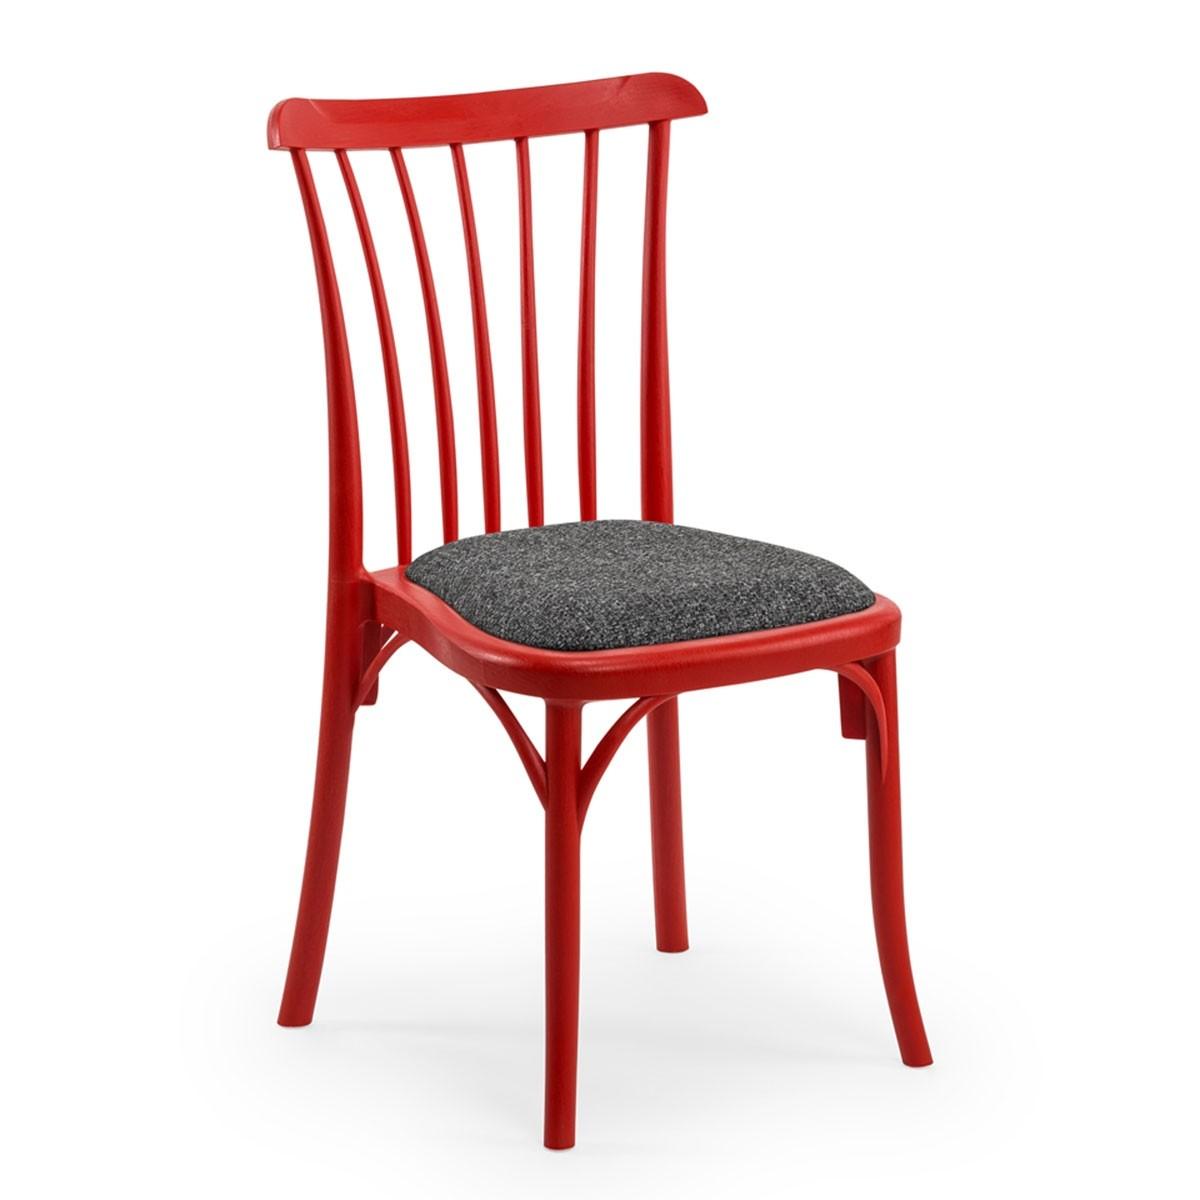 Καρέκλα εστιατορίου Cafe Tilia Gozo με μαξιλάρι